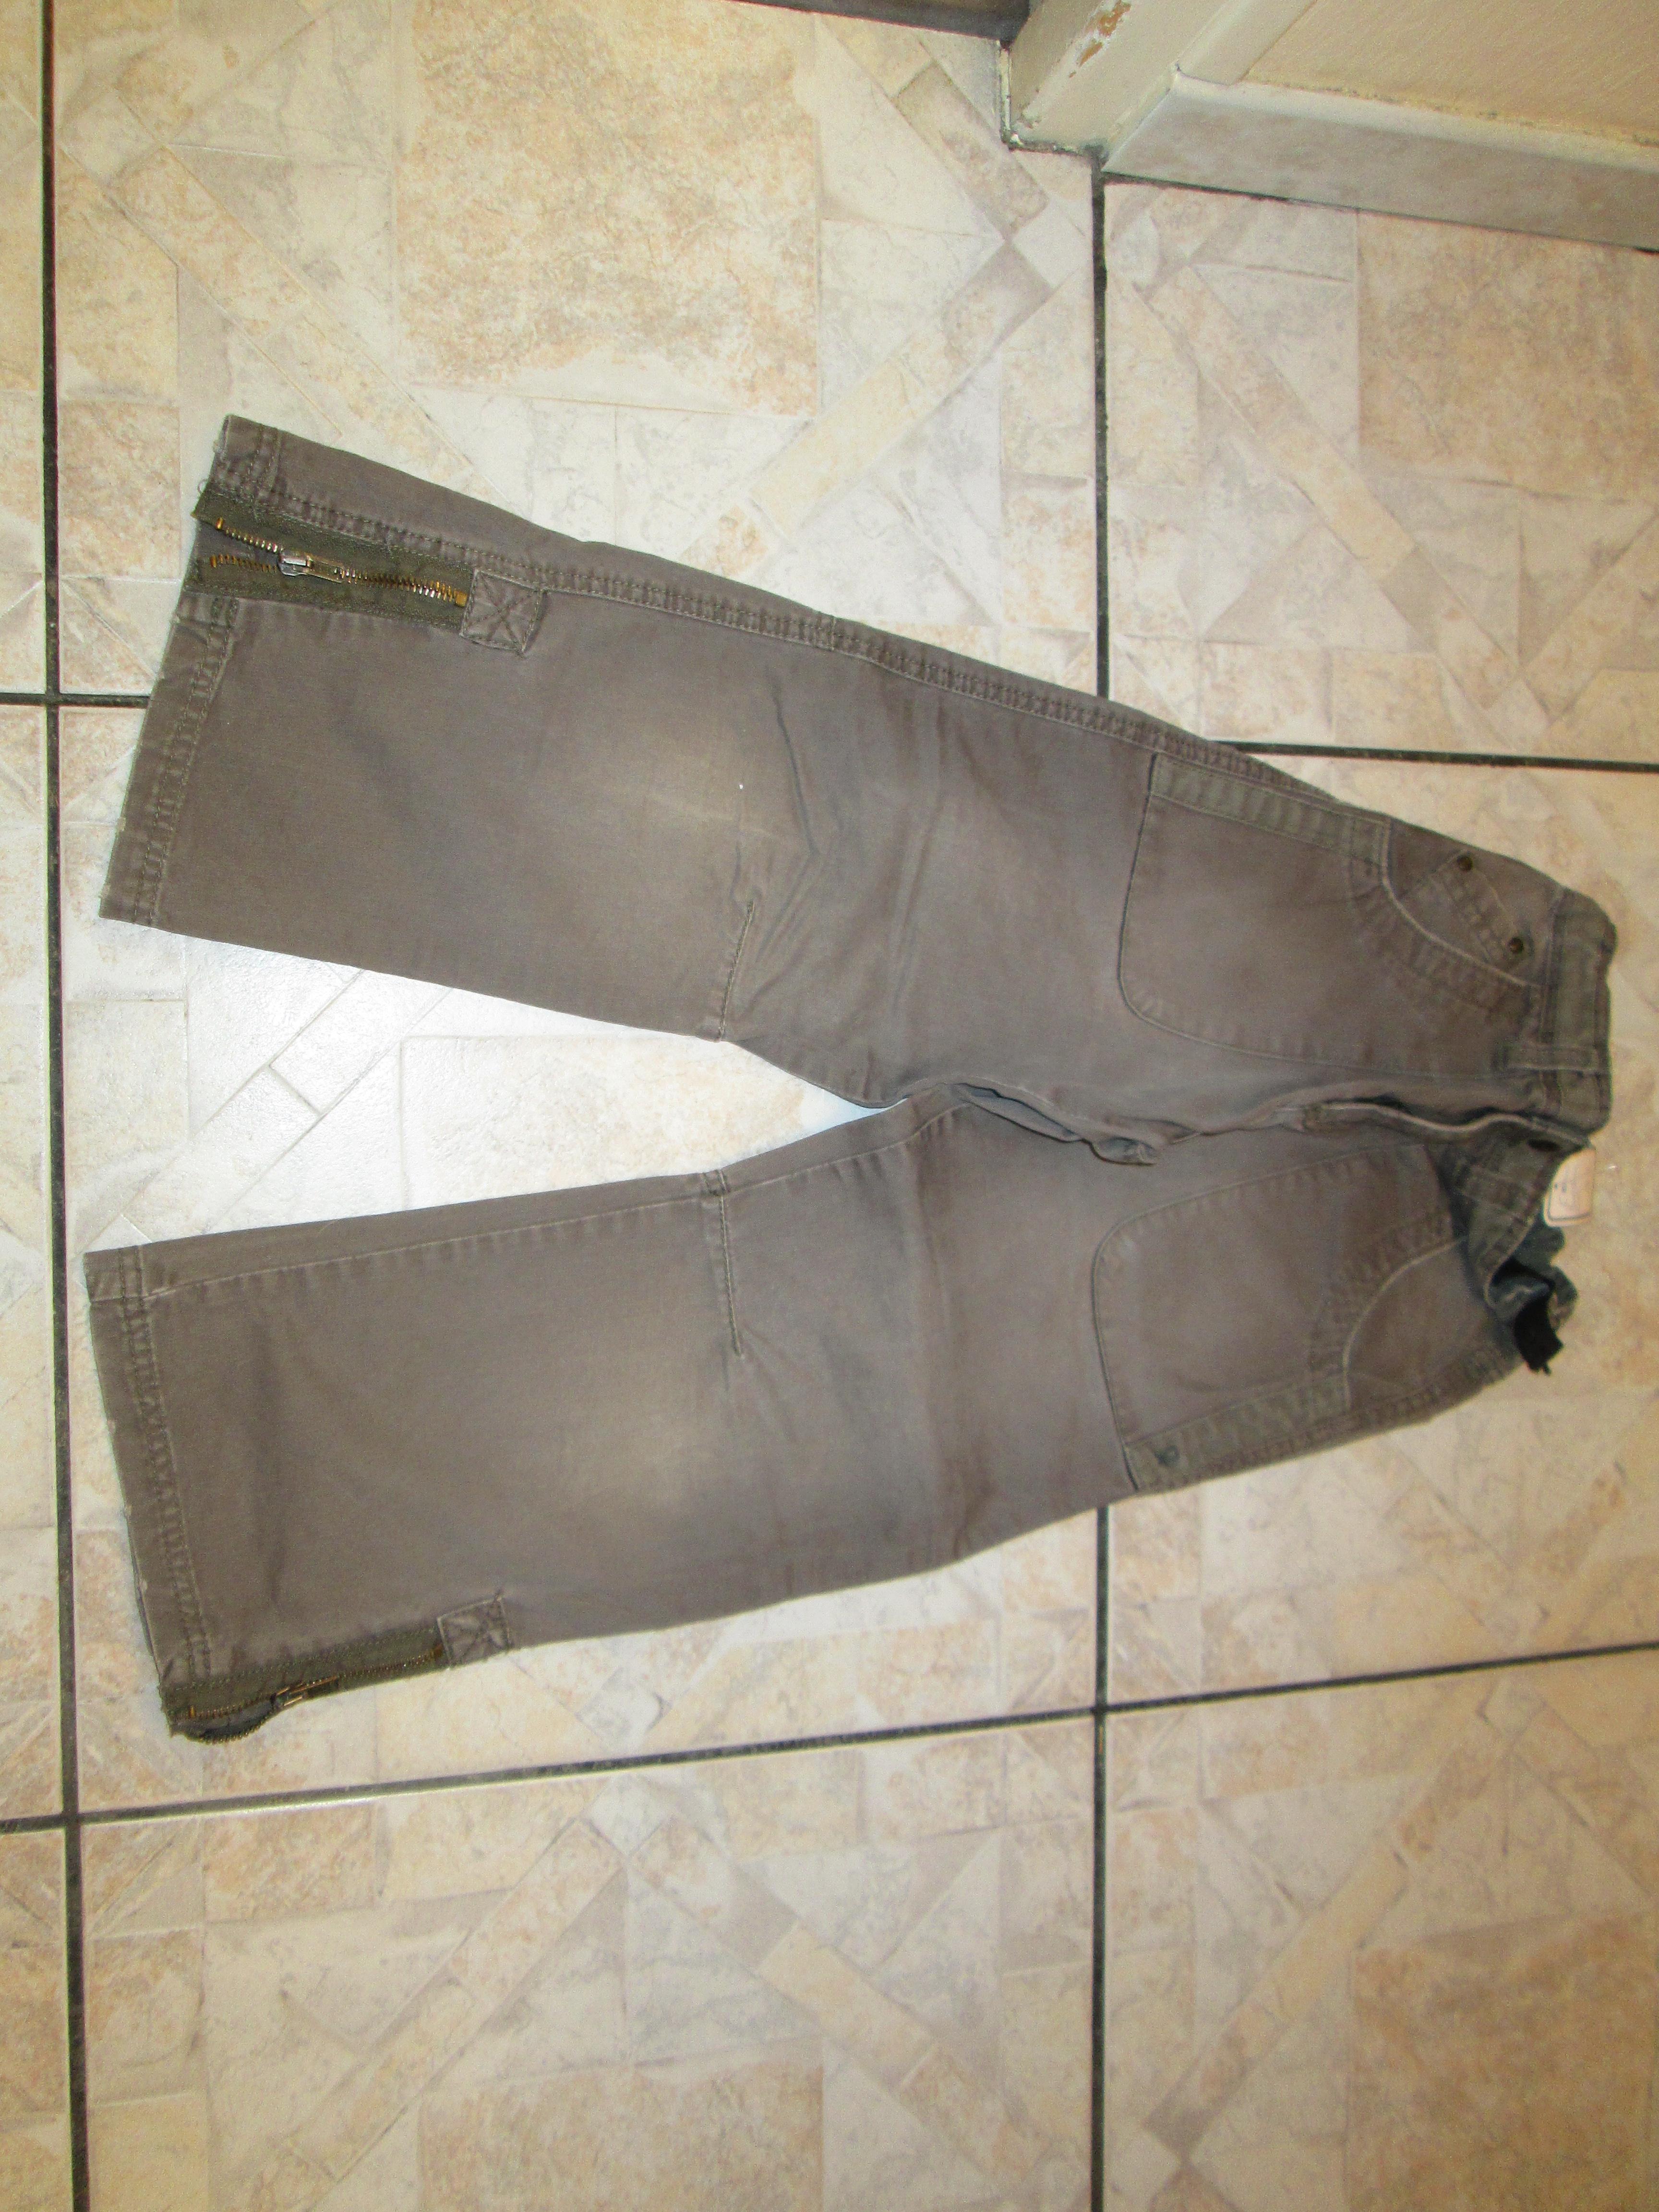 troc de troc pantalon kaki 6 ans taille elastique reglable 4 noisettes image 0